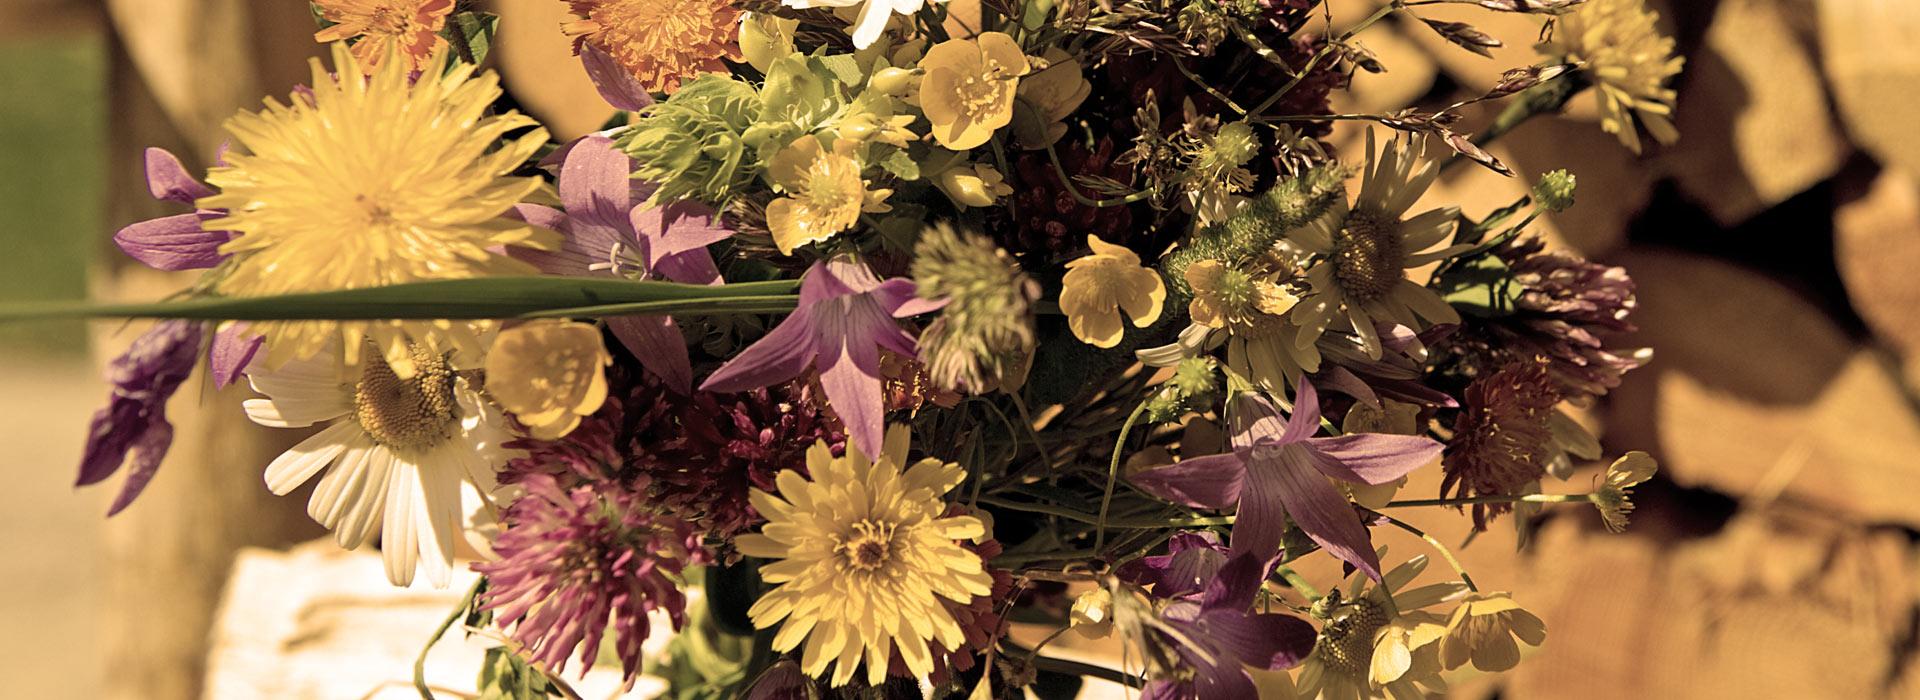 ALM-flores